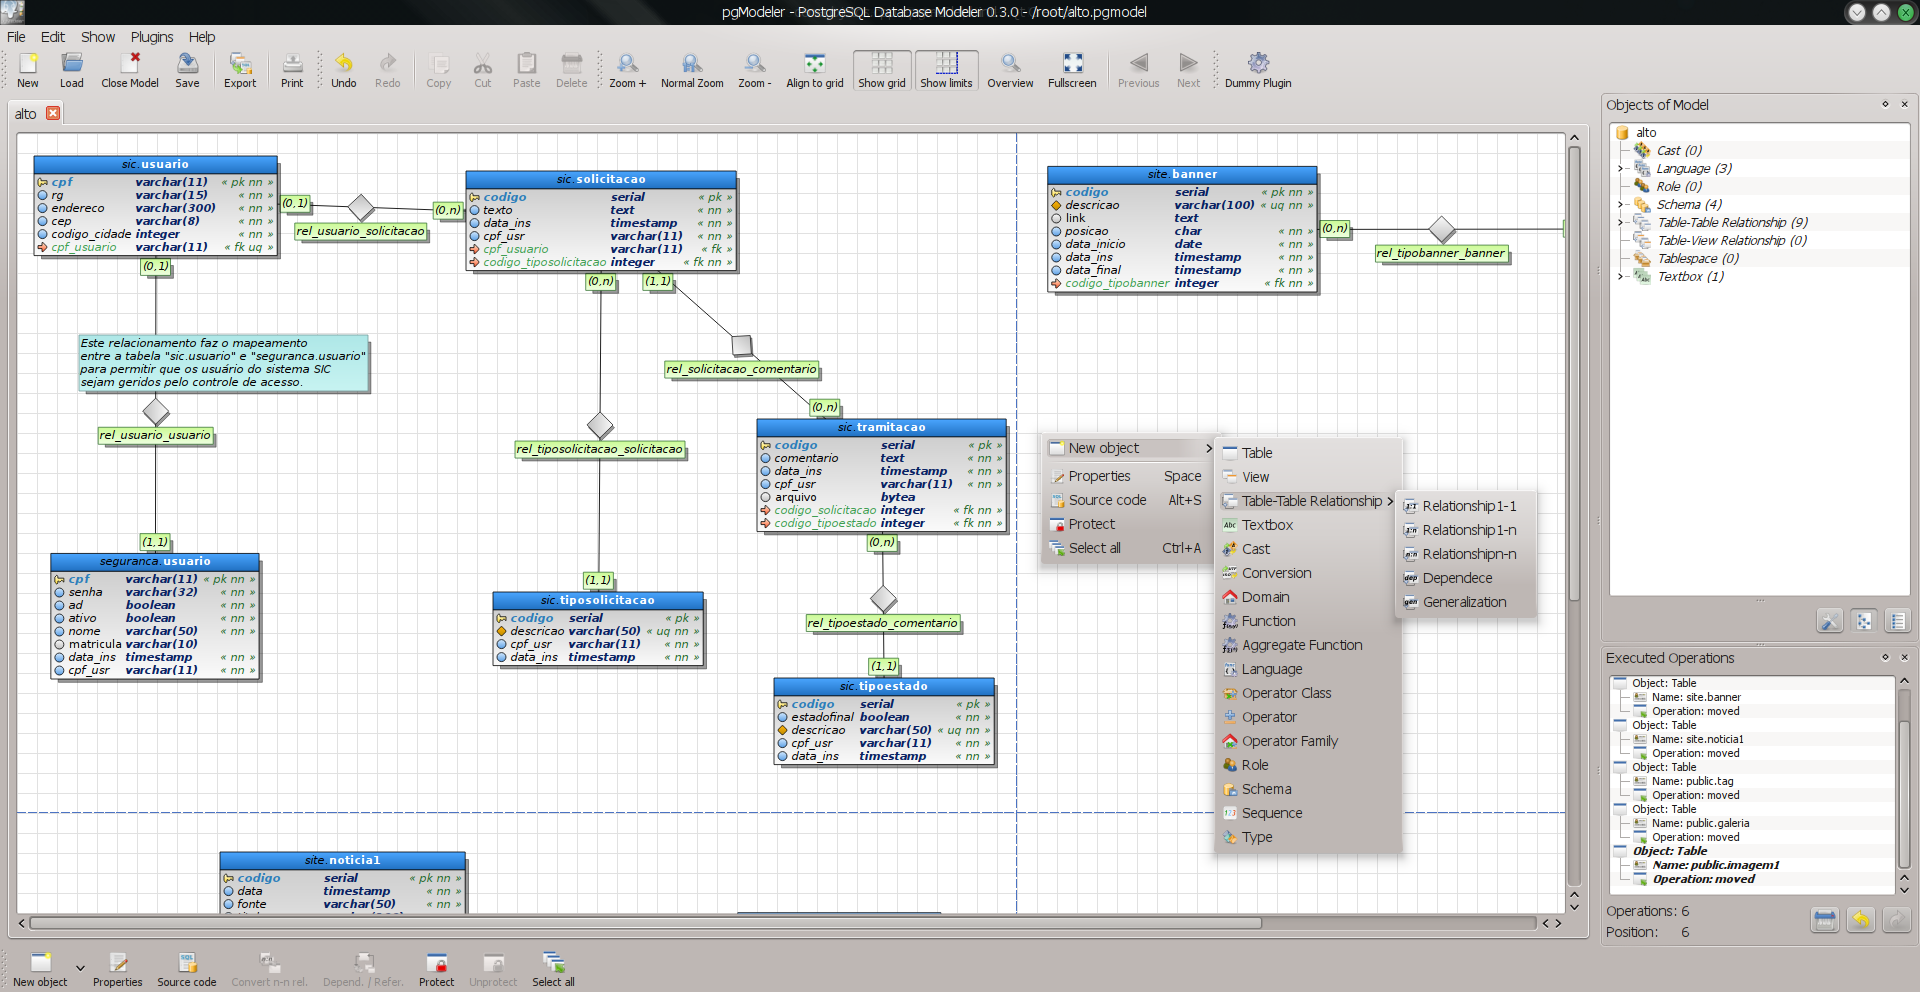 postgresql-database-modeler_2_79141.png